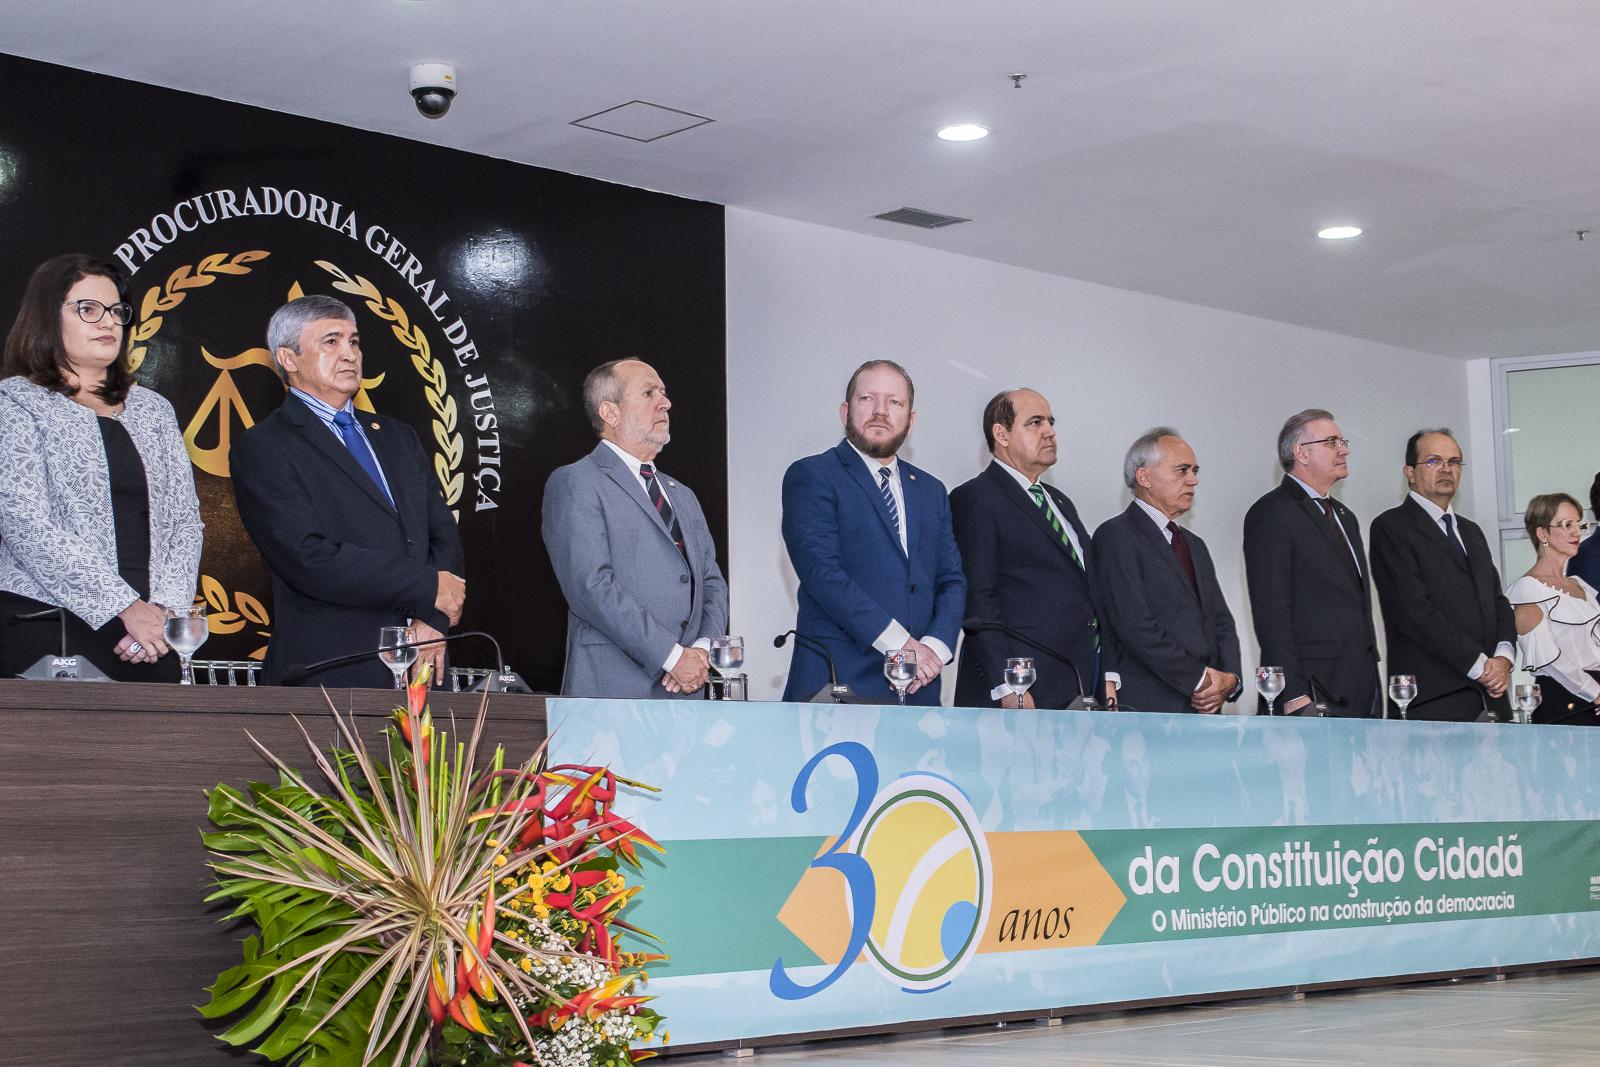 Othelino Neto prestigia seminário em homenagem aos 30 anos da Constituição Federal